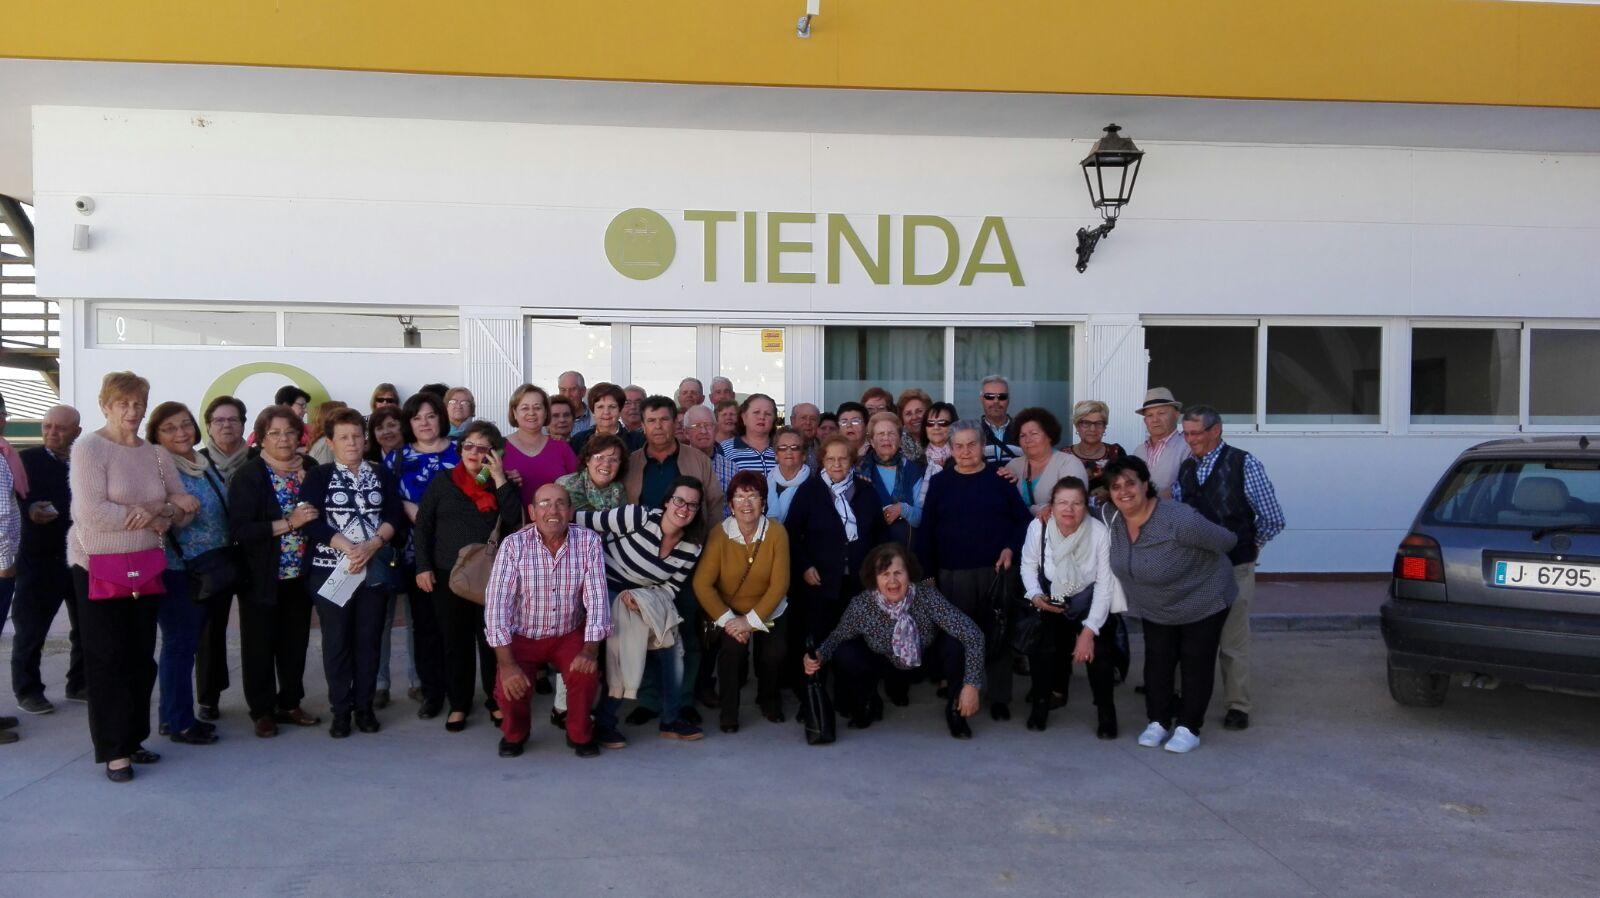 Nueva visita a nuestra almazara desde Torrox (Málaga)